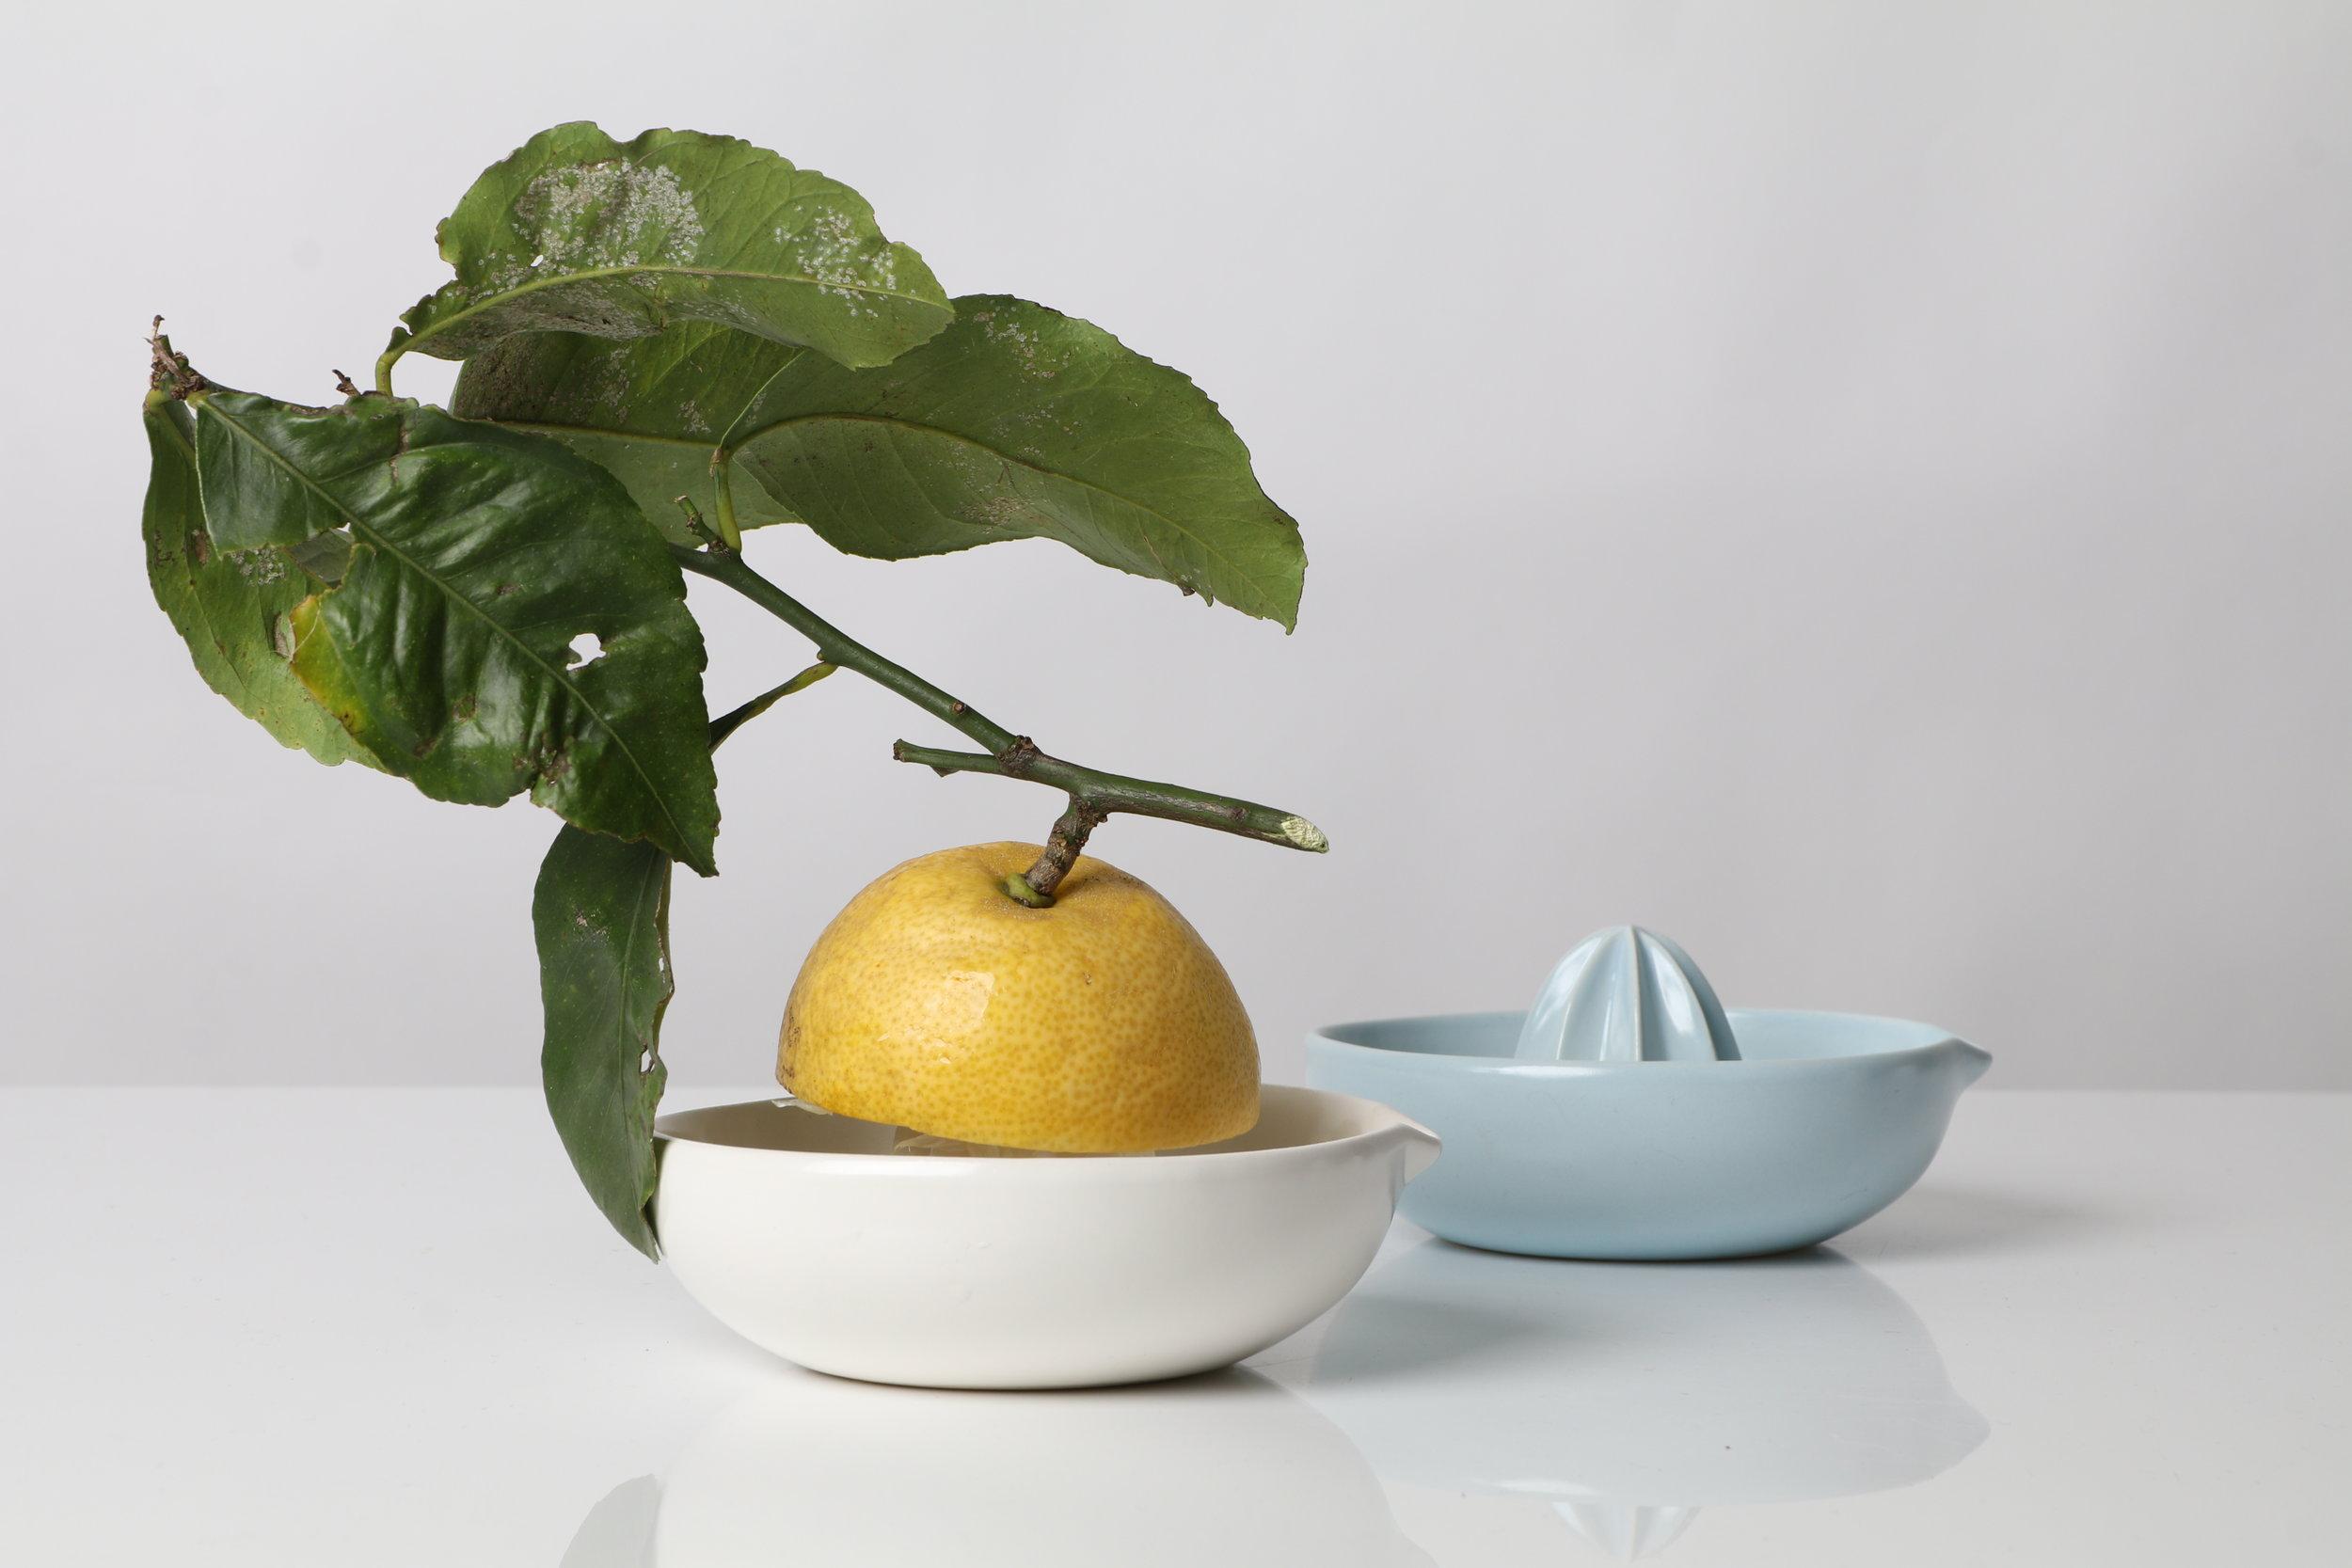 An elegant ceramic lemon squeezer by Gidon Bing